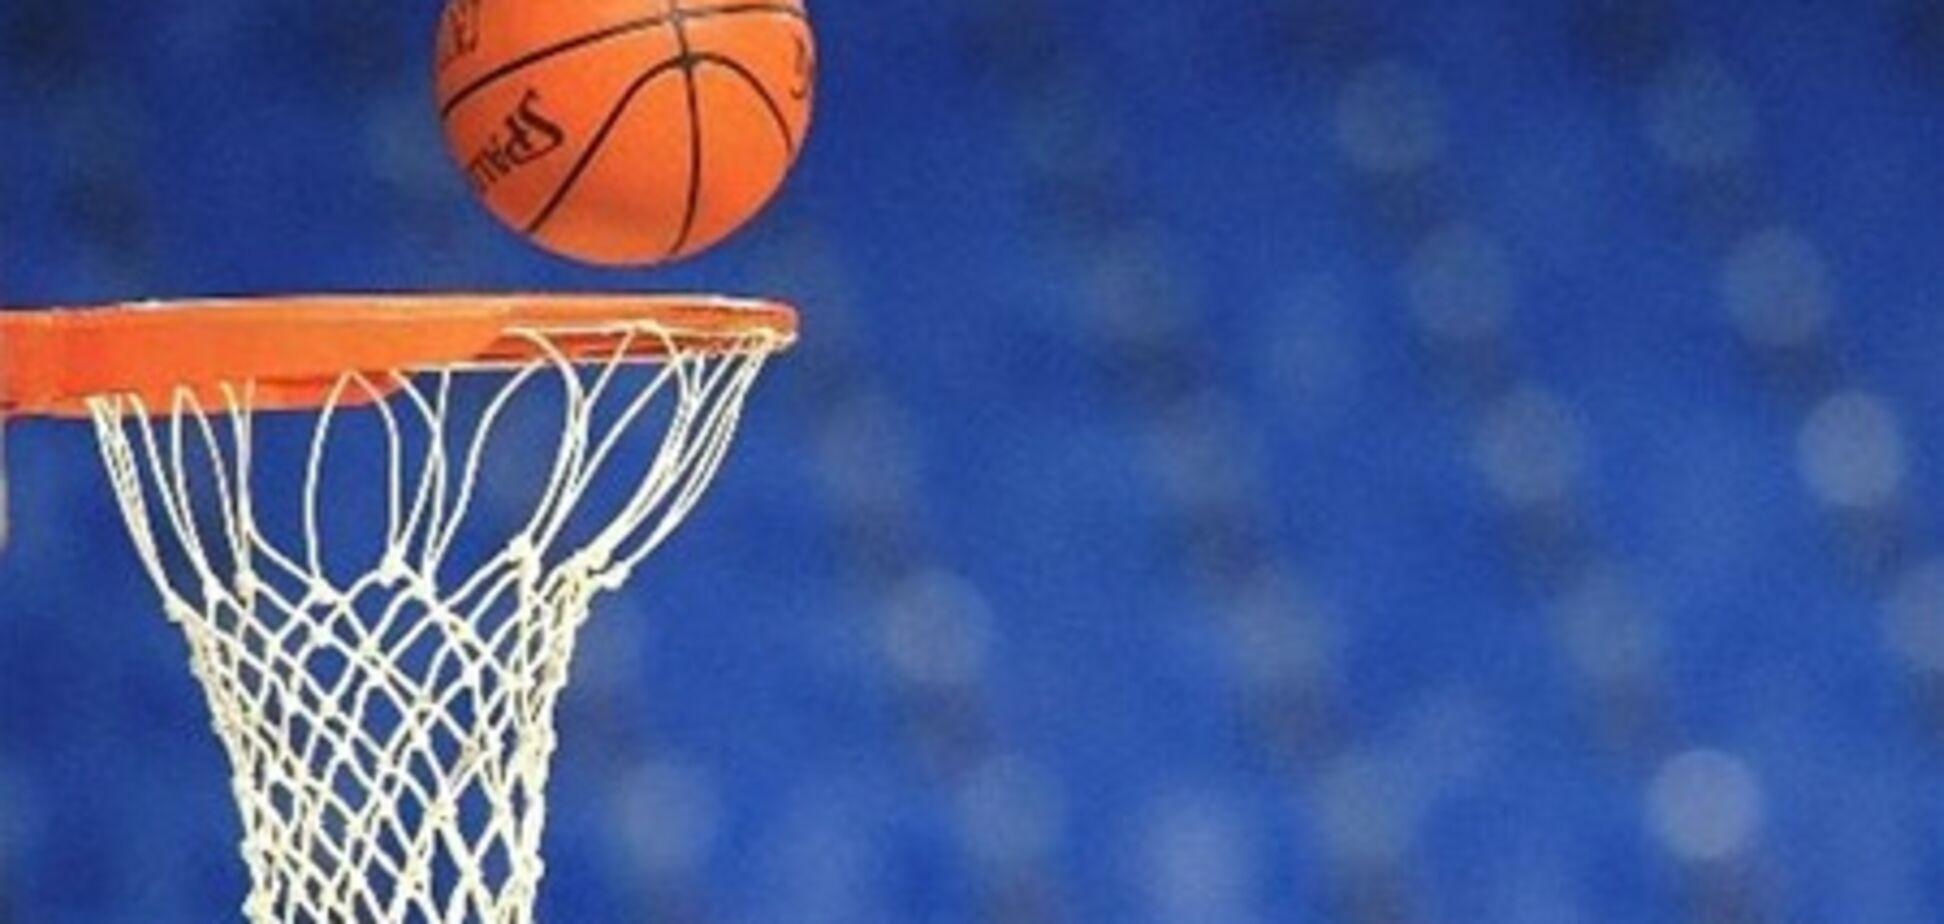 Київ прийме міжнародний турнір з баскетболу